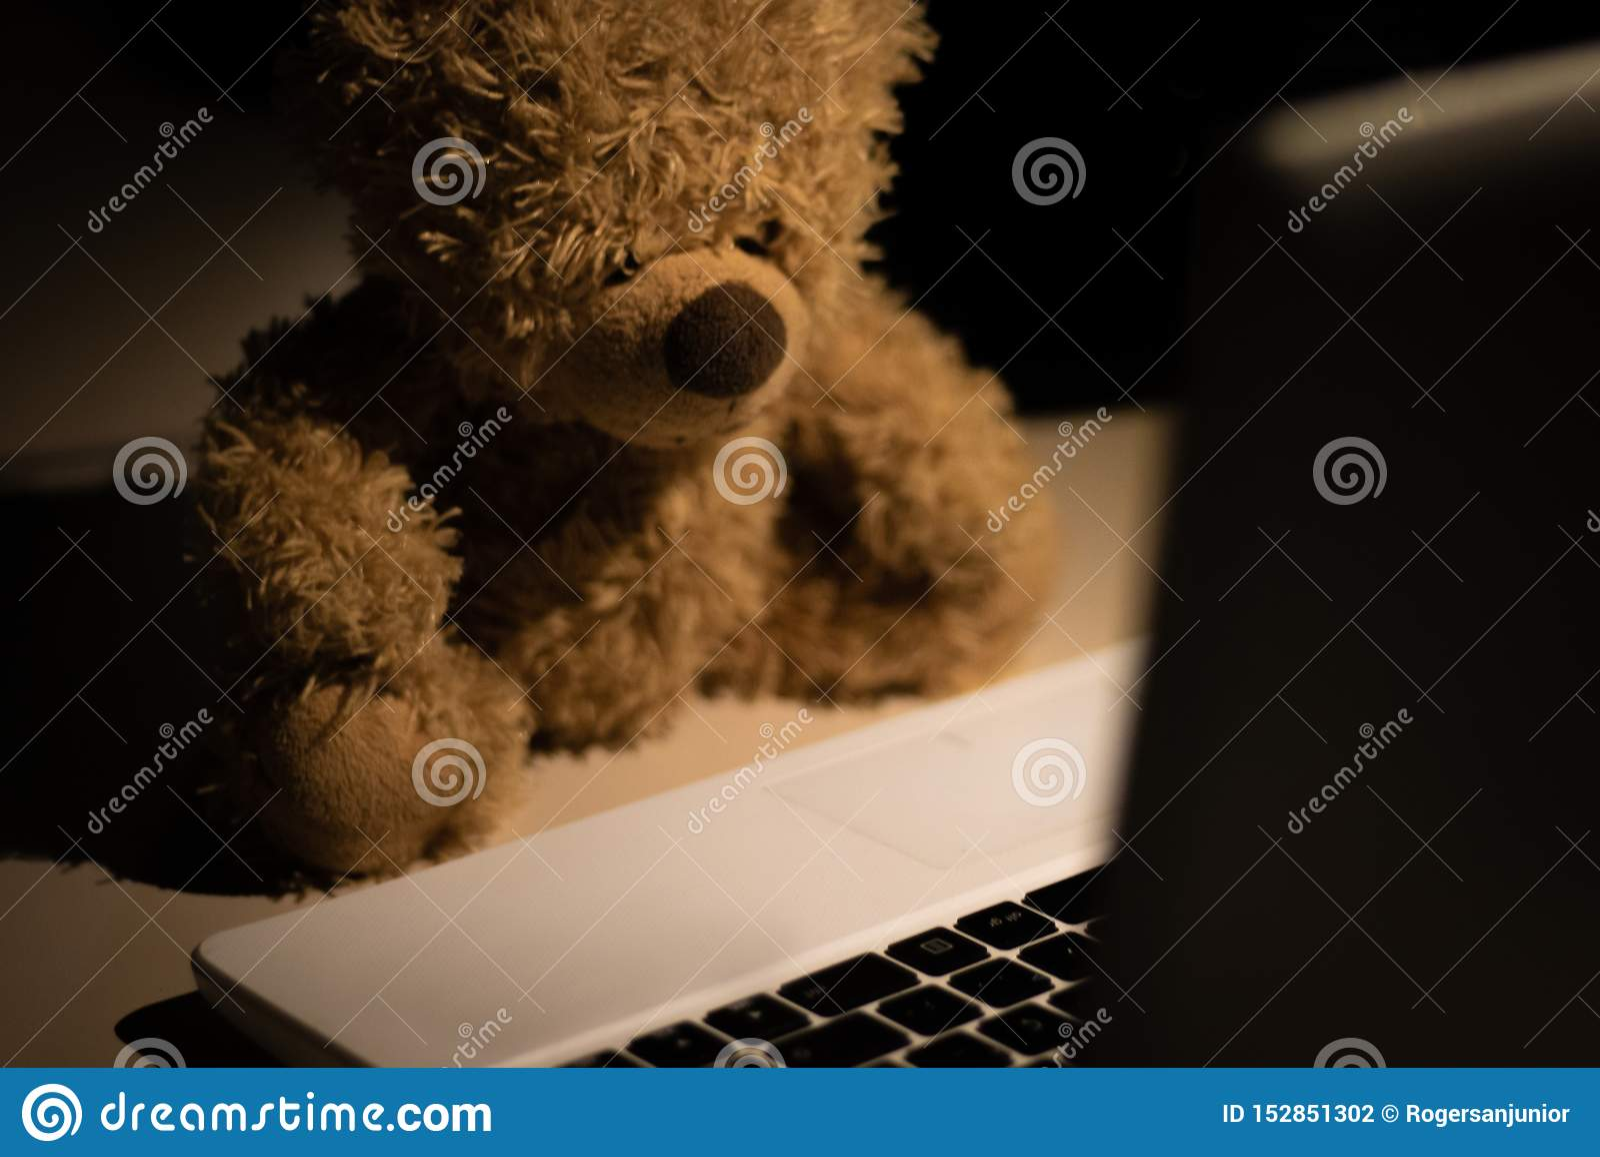 Ein netter und moderner Teddybär